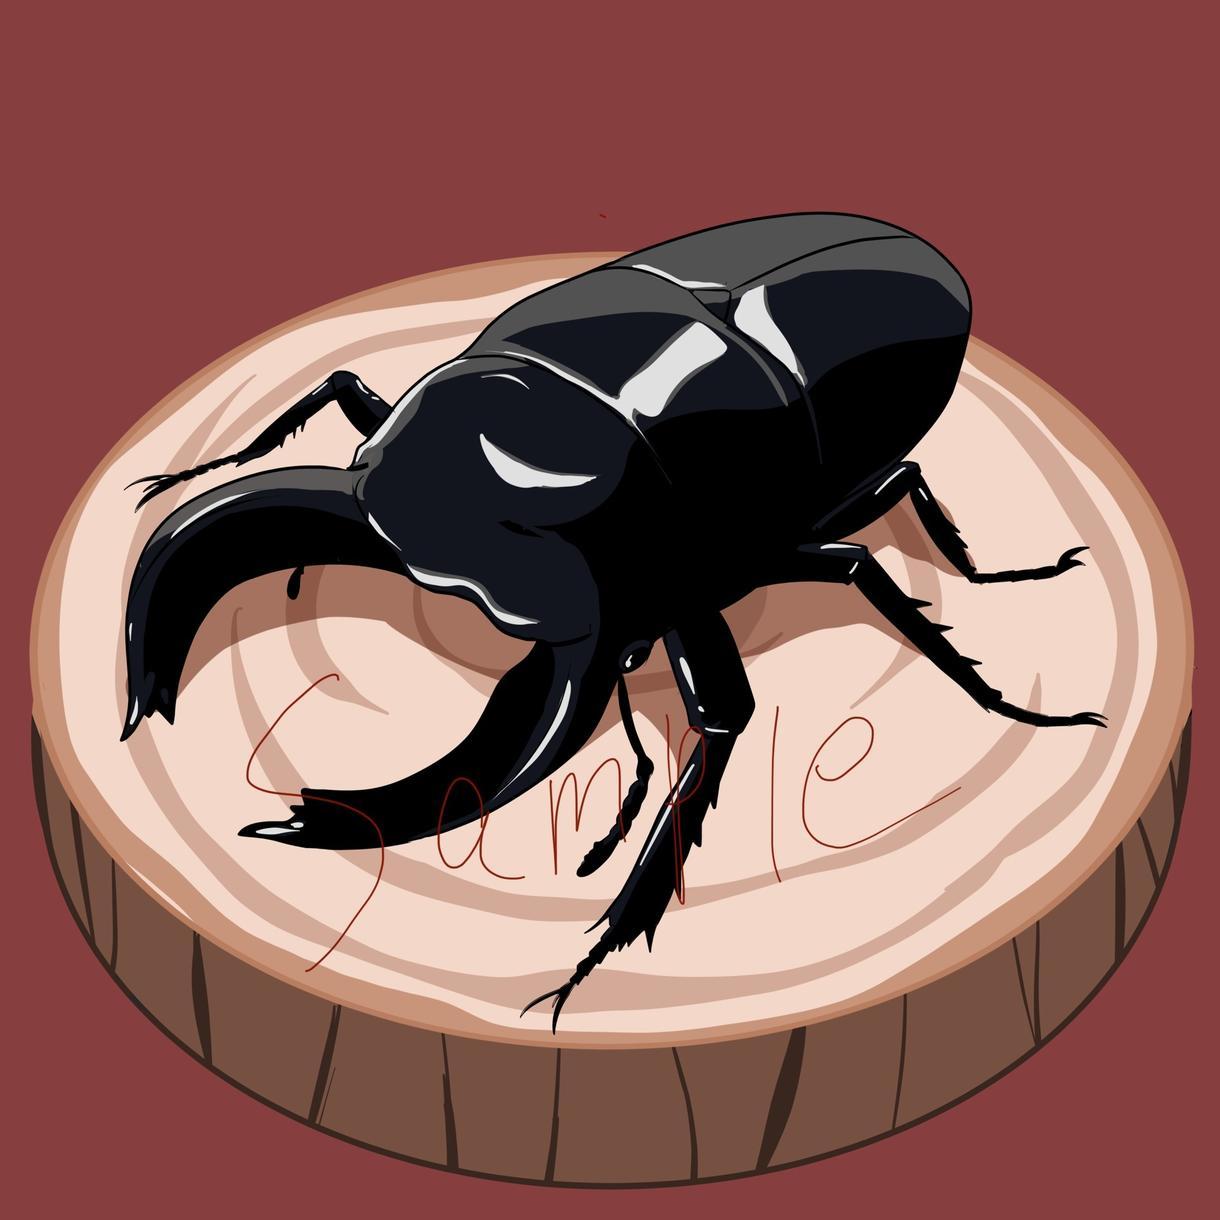 カッコいい、かわいい、綺麗な昆虫のイラスト描きます SNSアイコンやヘッダー、待ち受けなどにどうぞ!